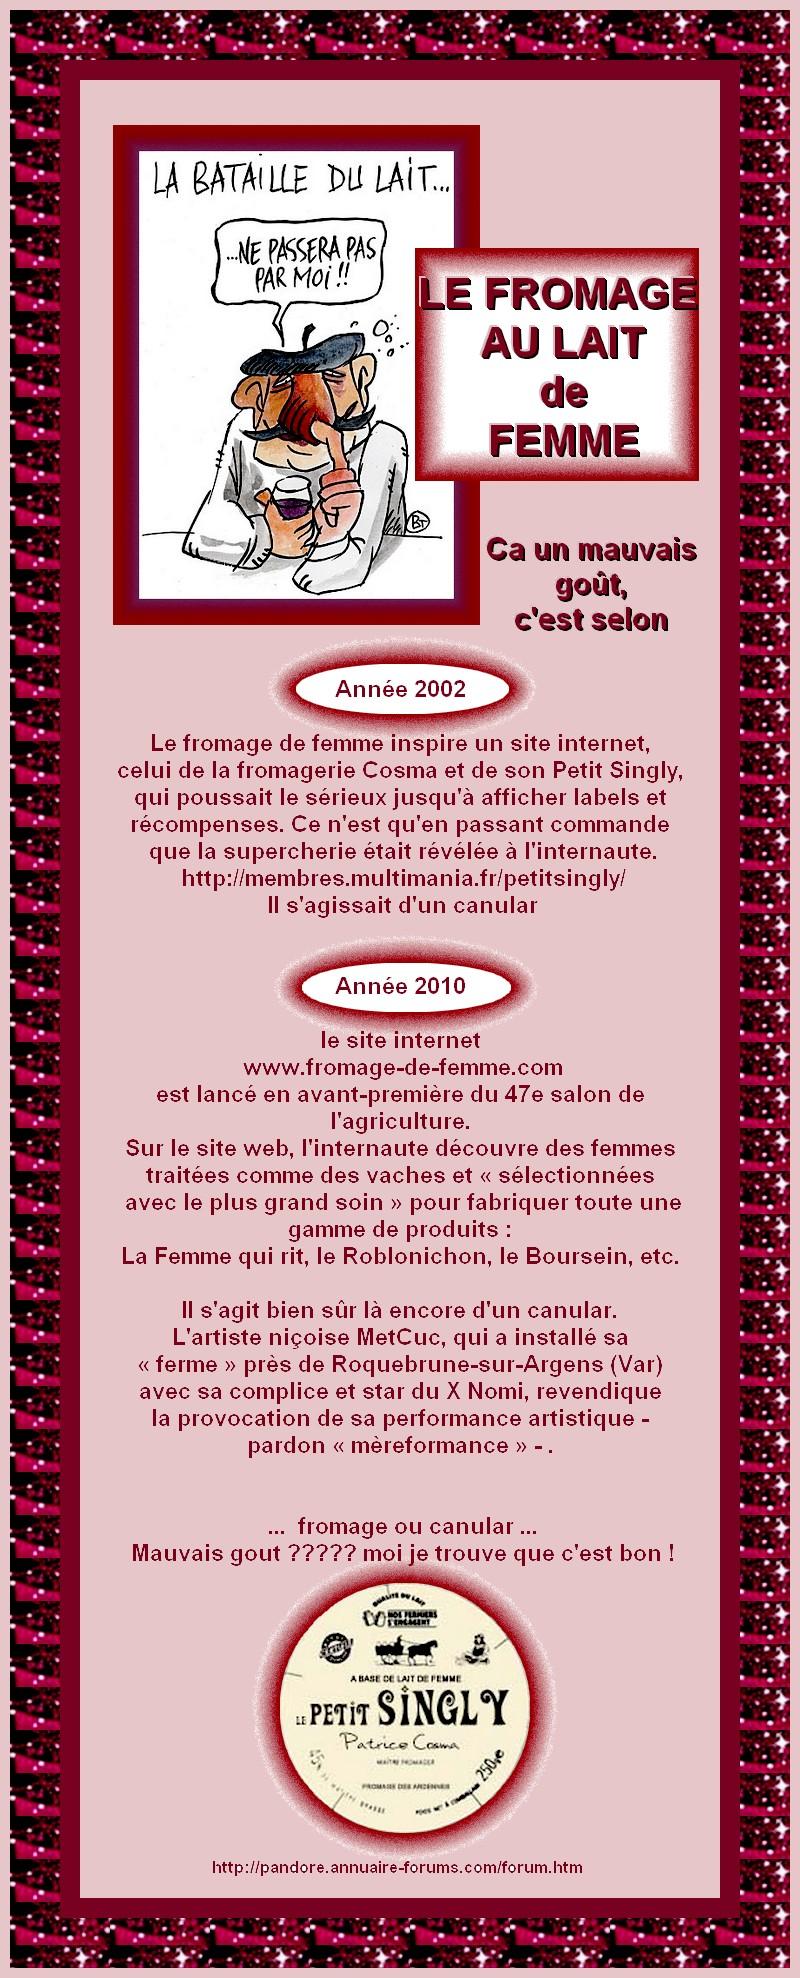 LE FROMAGE AU LAIT DE FEMME - CANULAR DE BON OU MAUVAIS GOUT ? 21002555404bb108ee321eaaa